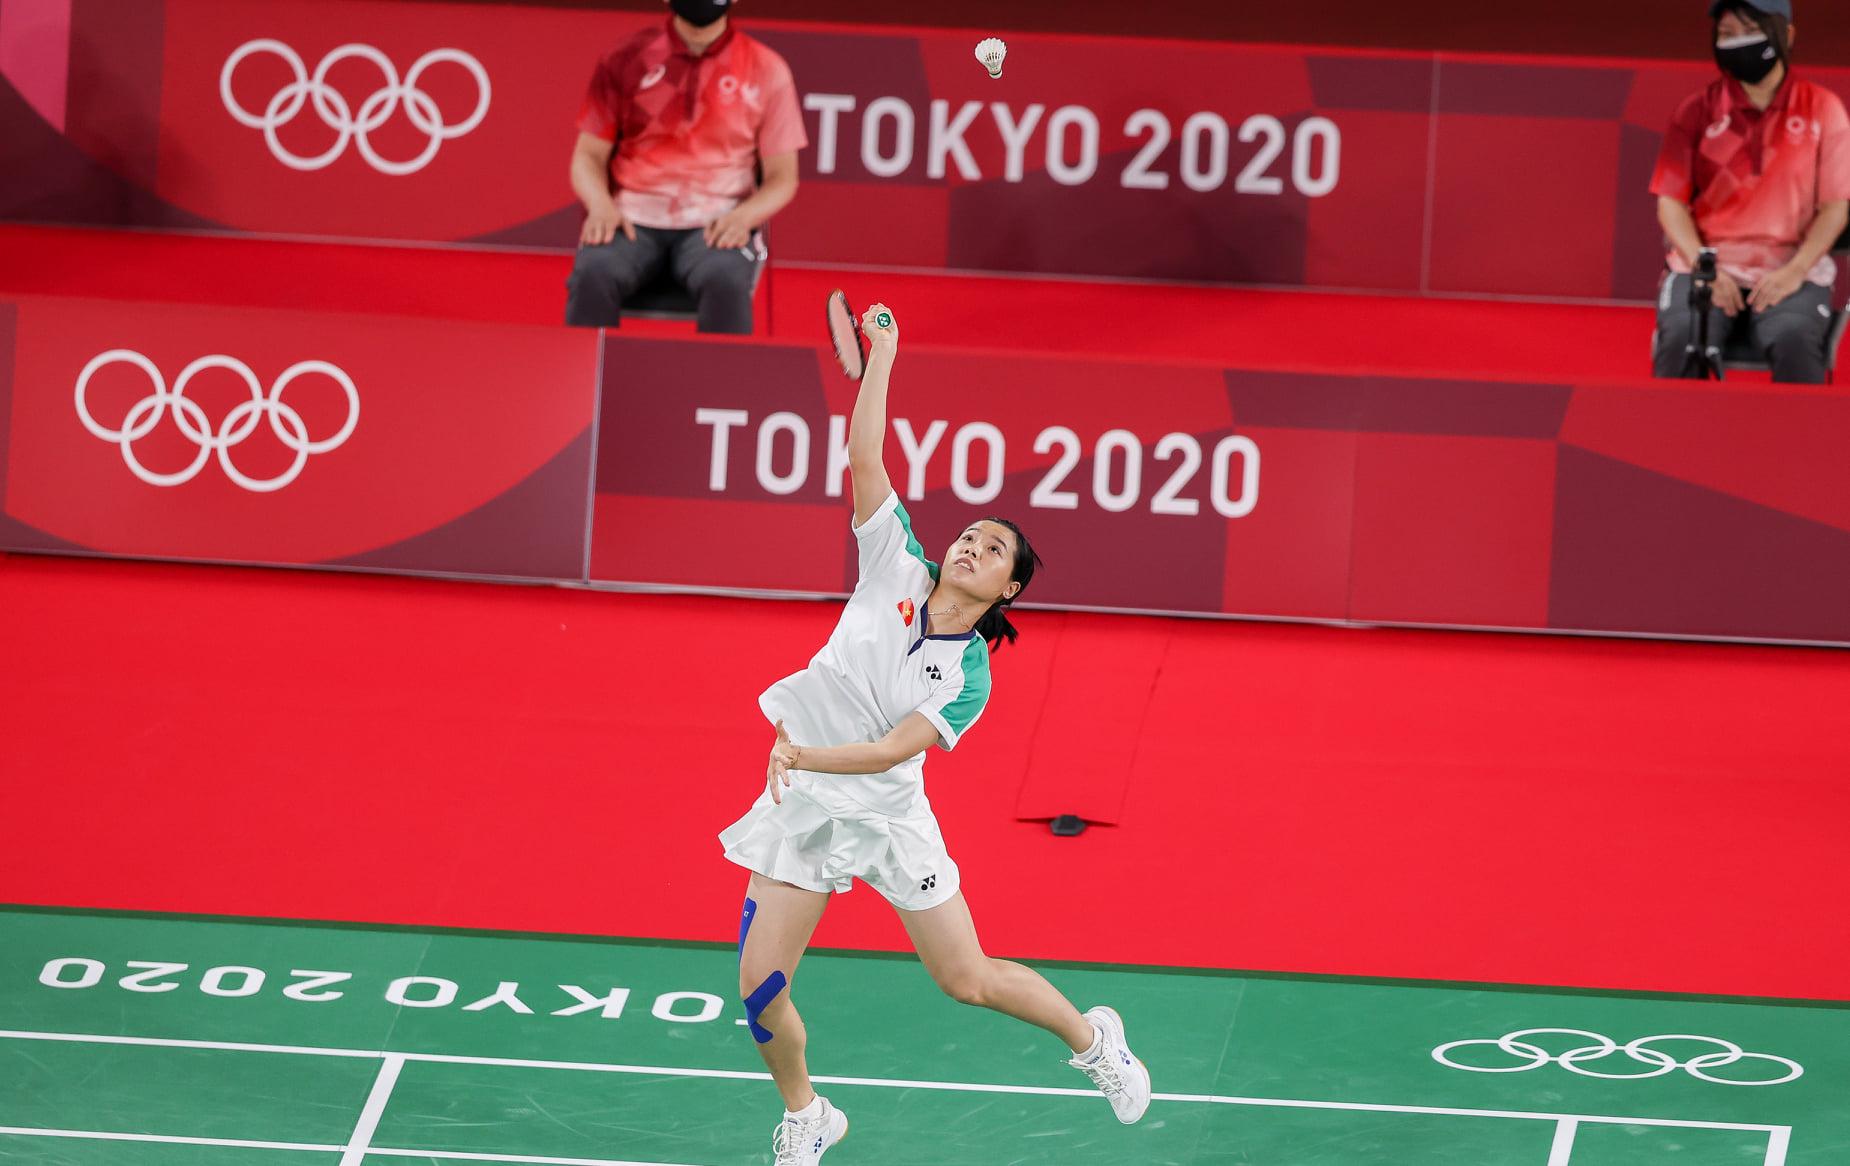 Vẻ đẹp hotgirl cầu lông Việt Nam thắng đối thủ gốc Trung Quốc tại Olympic Tokyo - Ảnh 1.